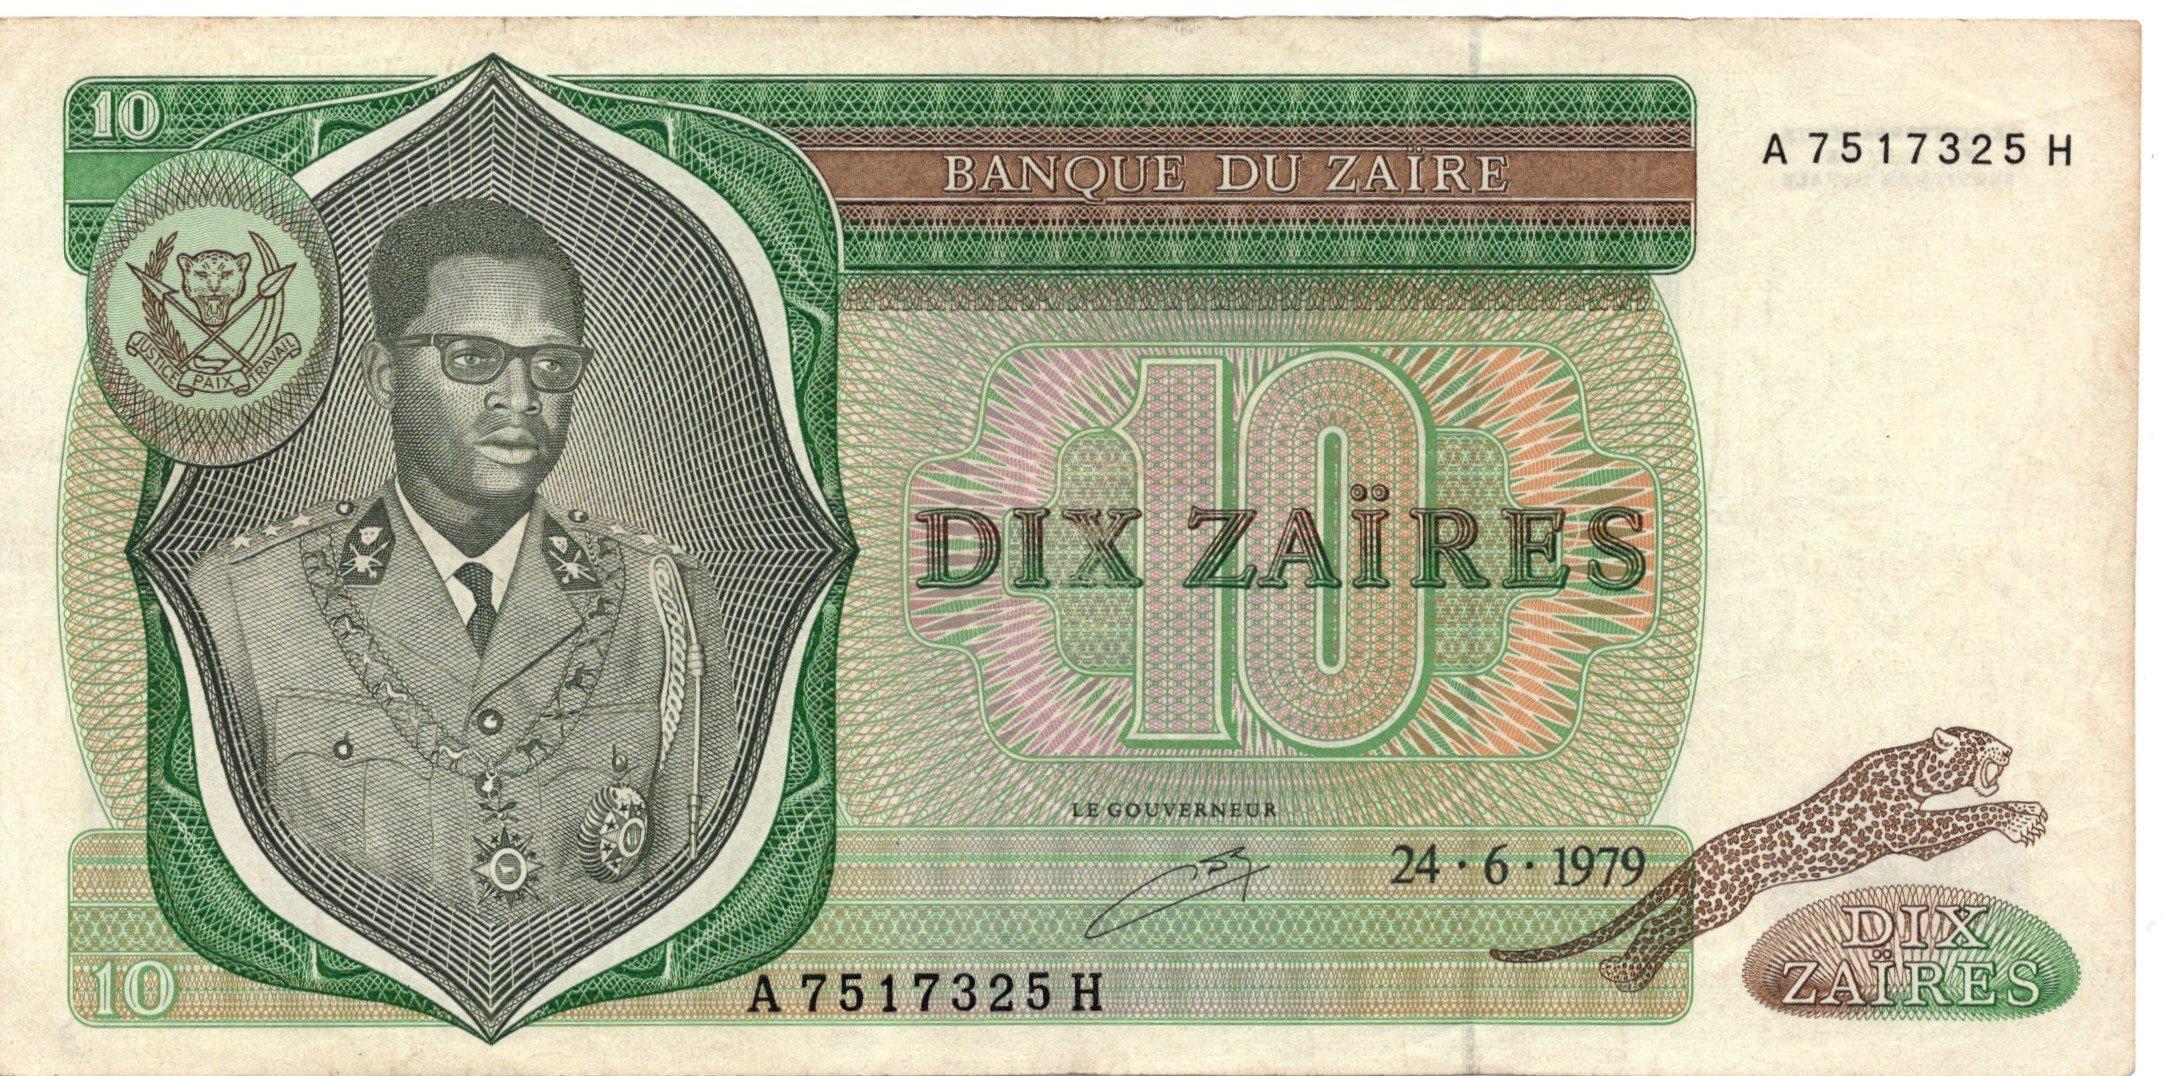 Zaire 10 zaires banknote